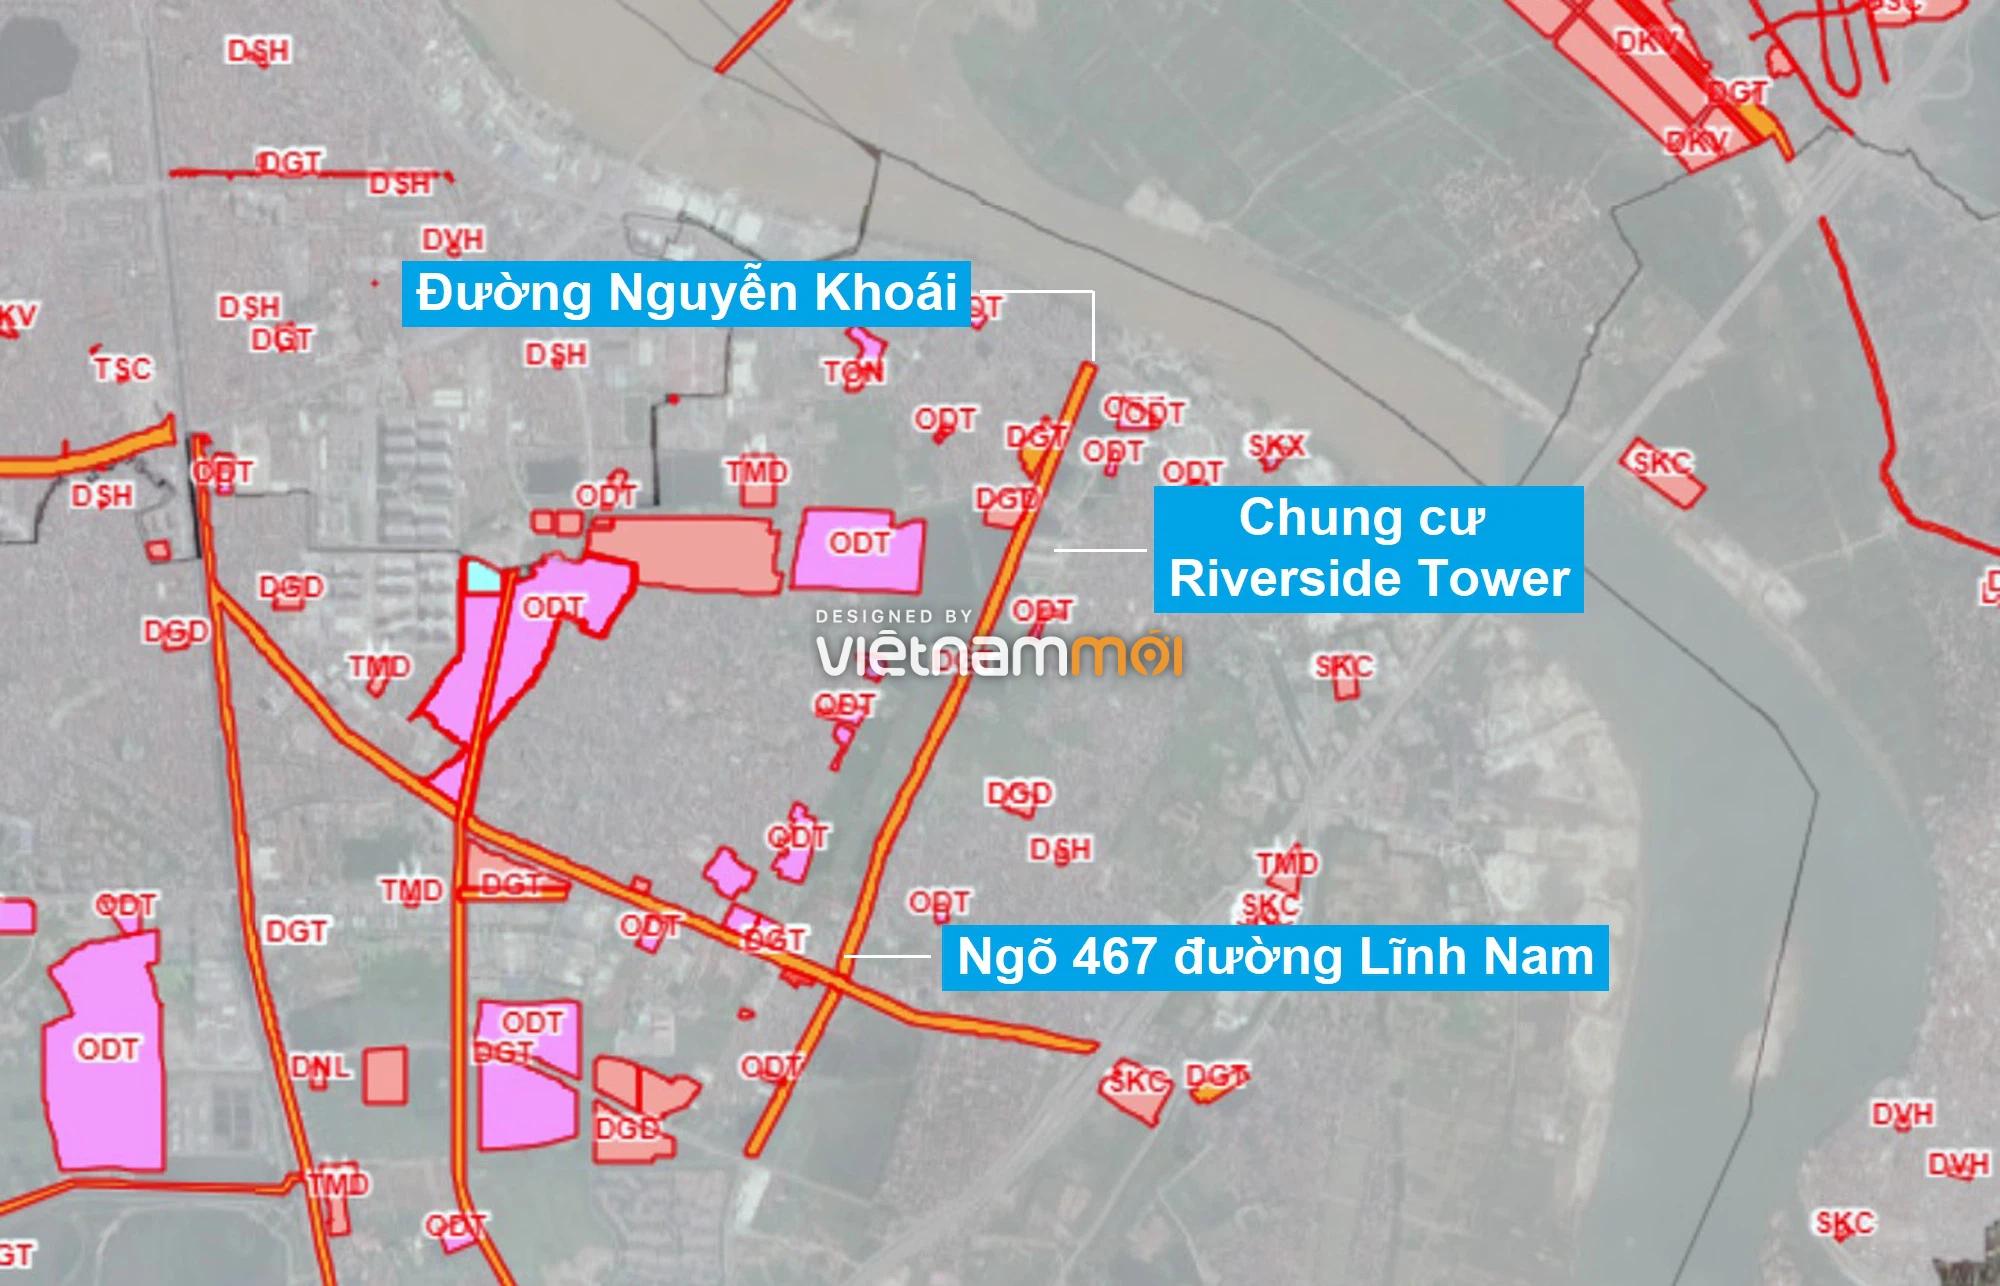 Những khu đất sắp thu hồi để mở đường ở quận Hoàng Mai, Hà Nội (phần 1) - Ảnh 1.